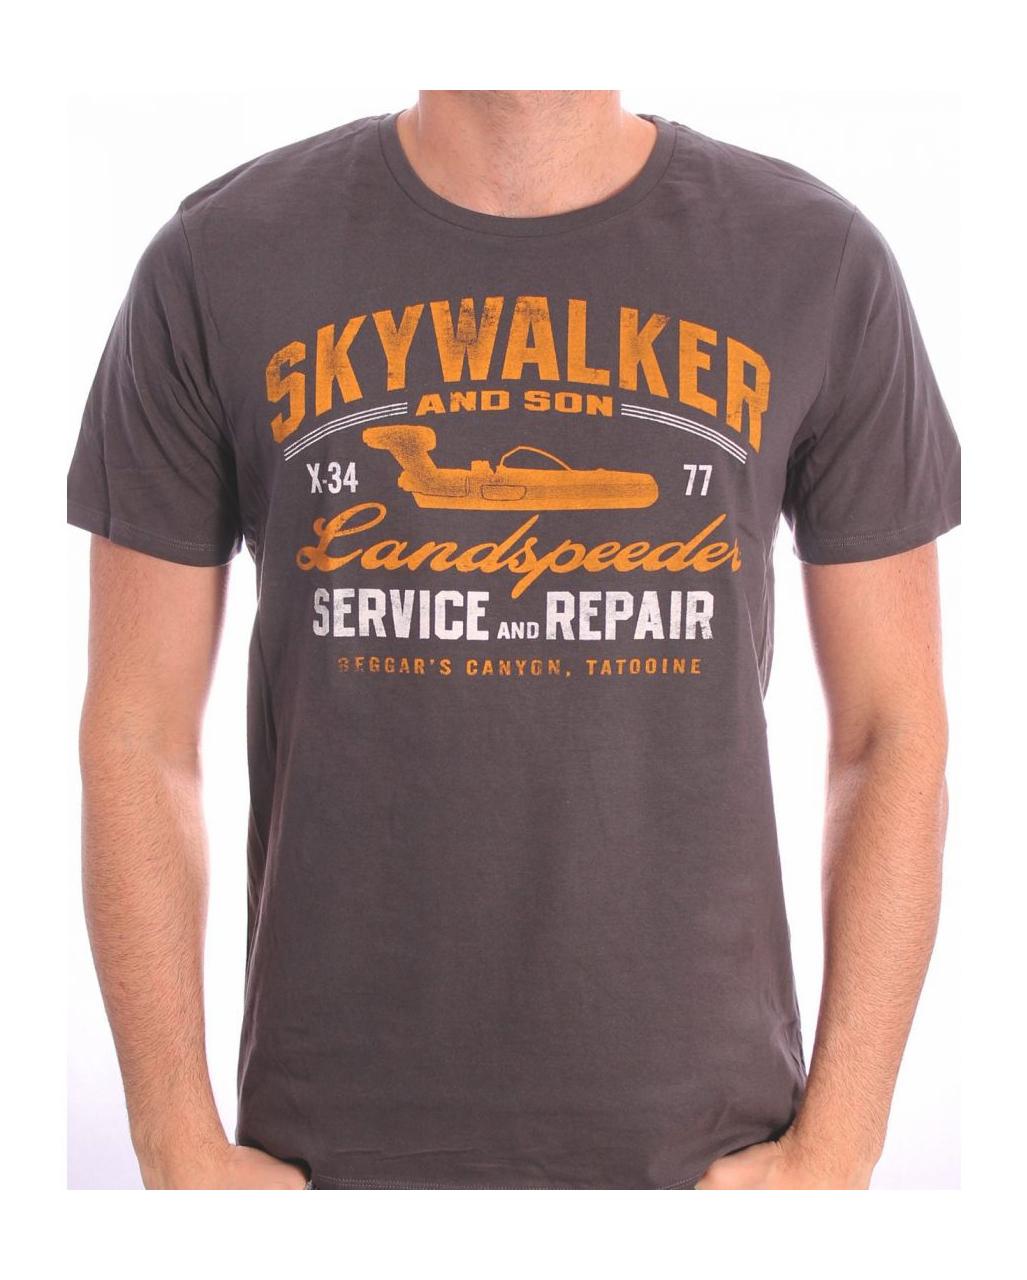 star wars skywalker and son t shirt krieger der sterne t shirt horror. Black Bedroom Furniture Sets. Home Design Ideas